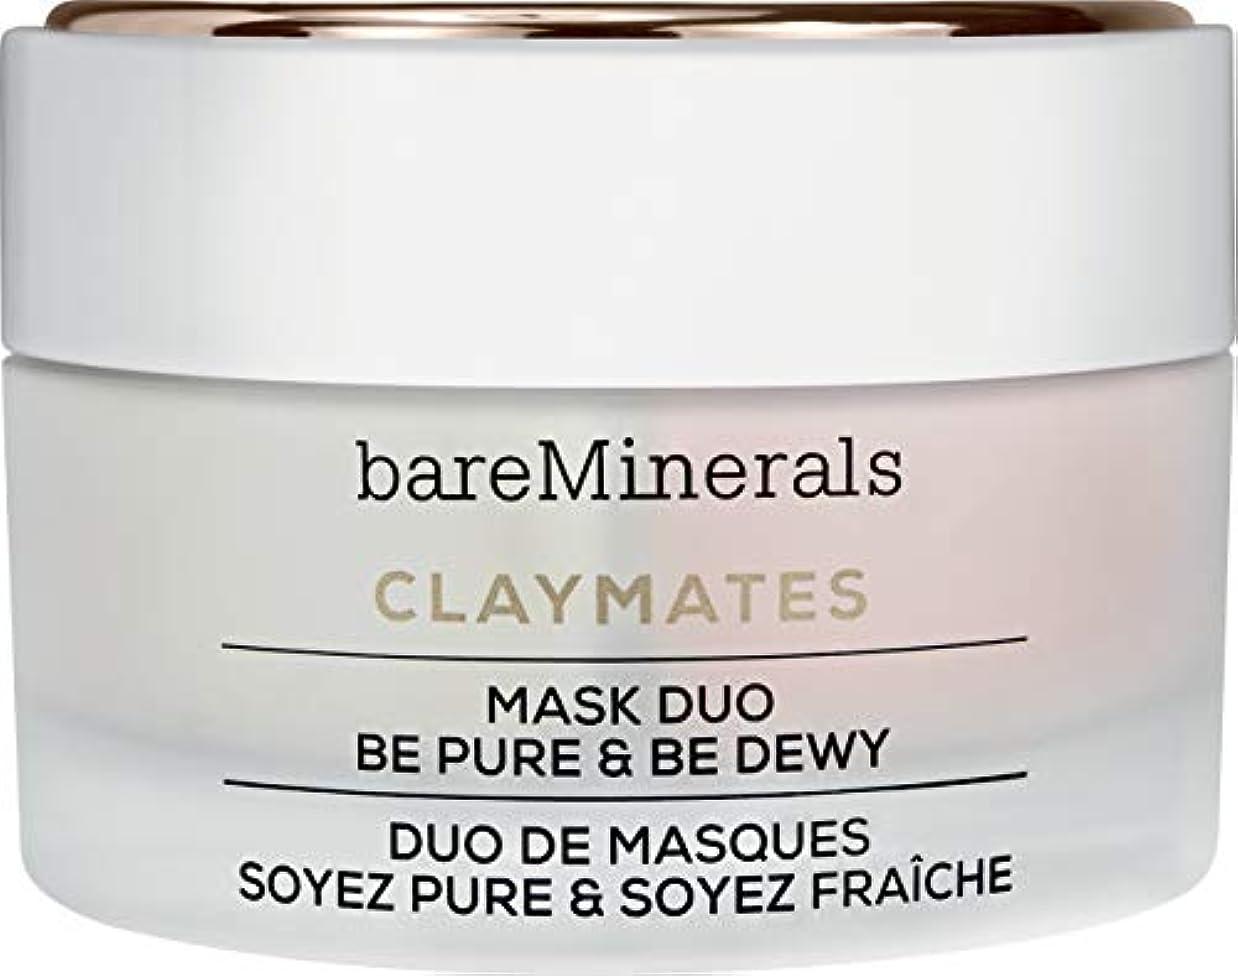 法廷リア王逸話ベアミネラル Claymates Be Pure & Be Dewy Mask Duo 58g/2.04oz並行輸入品